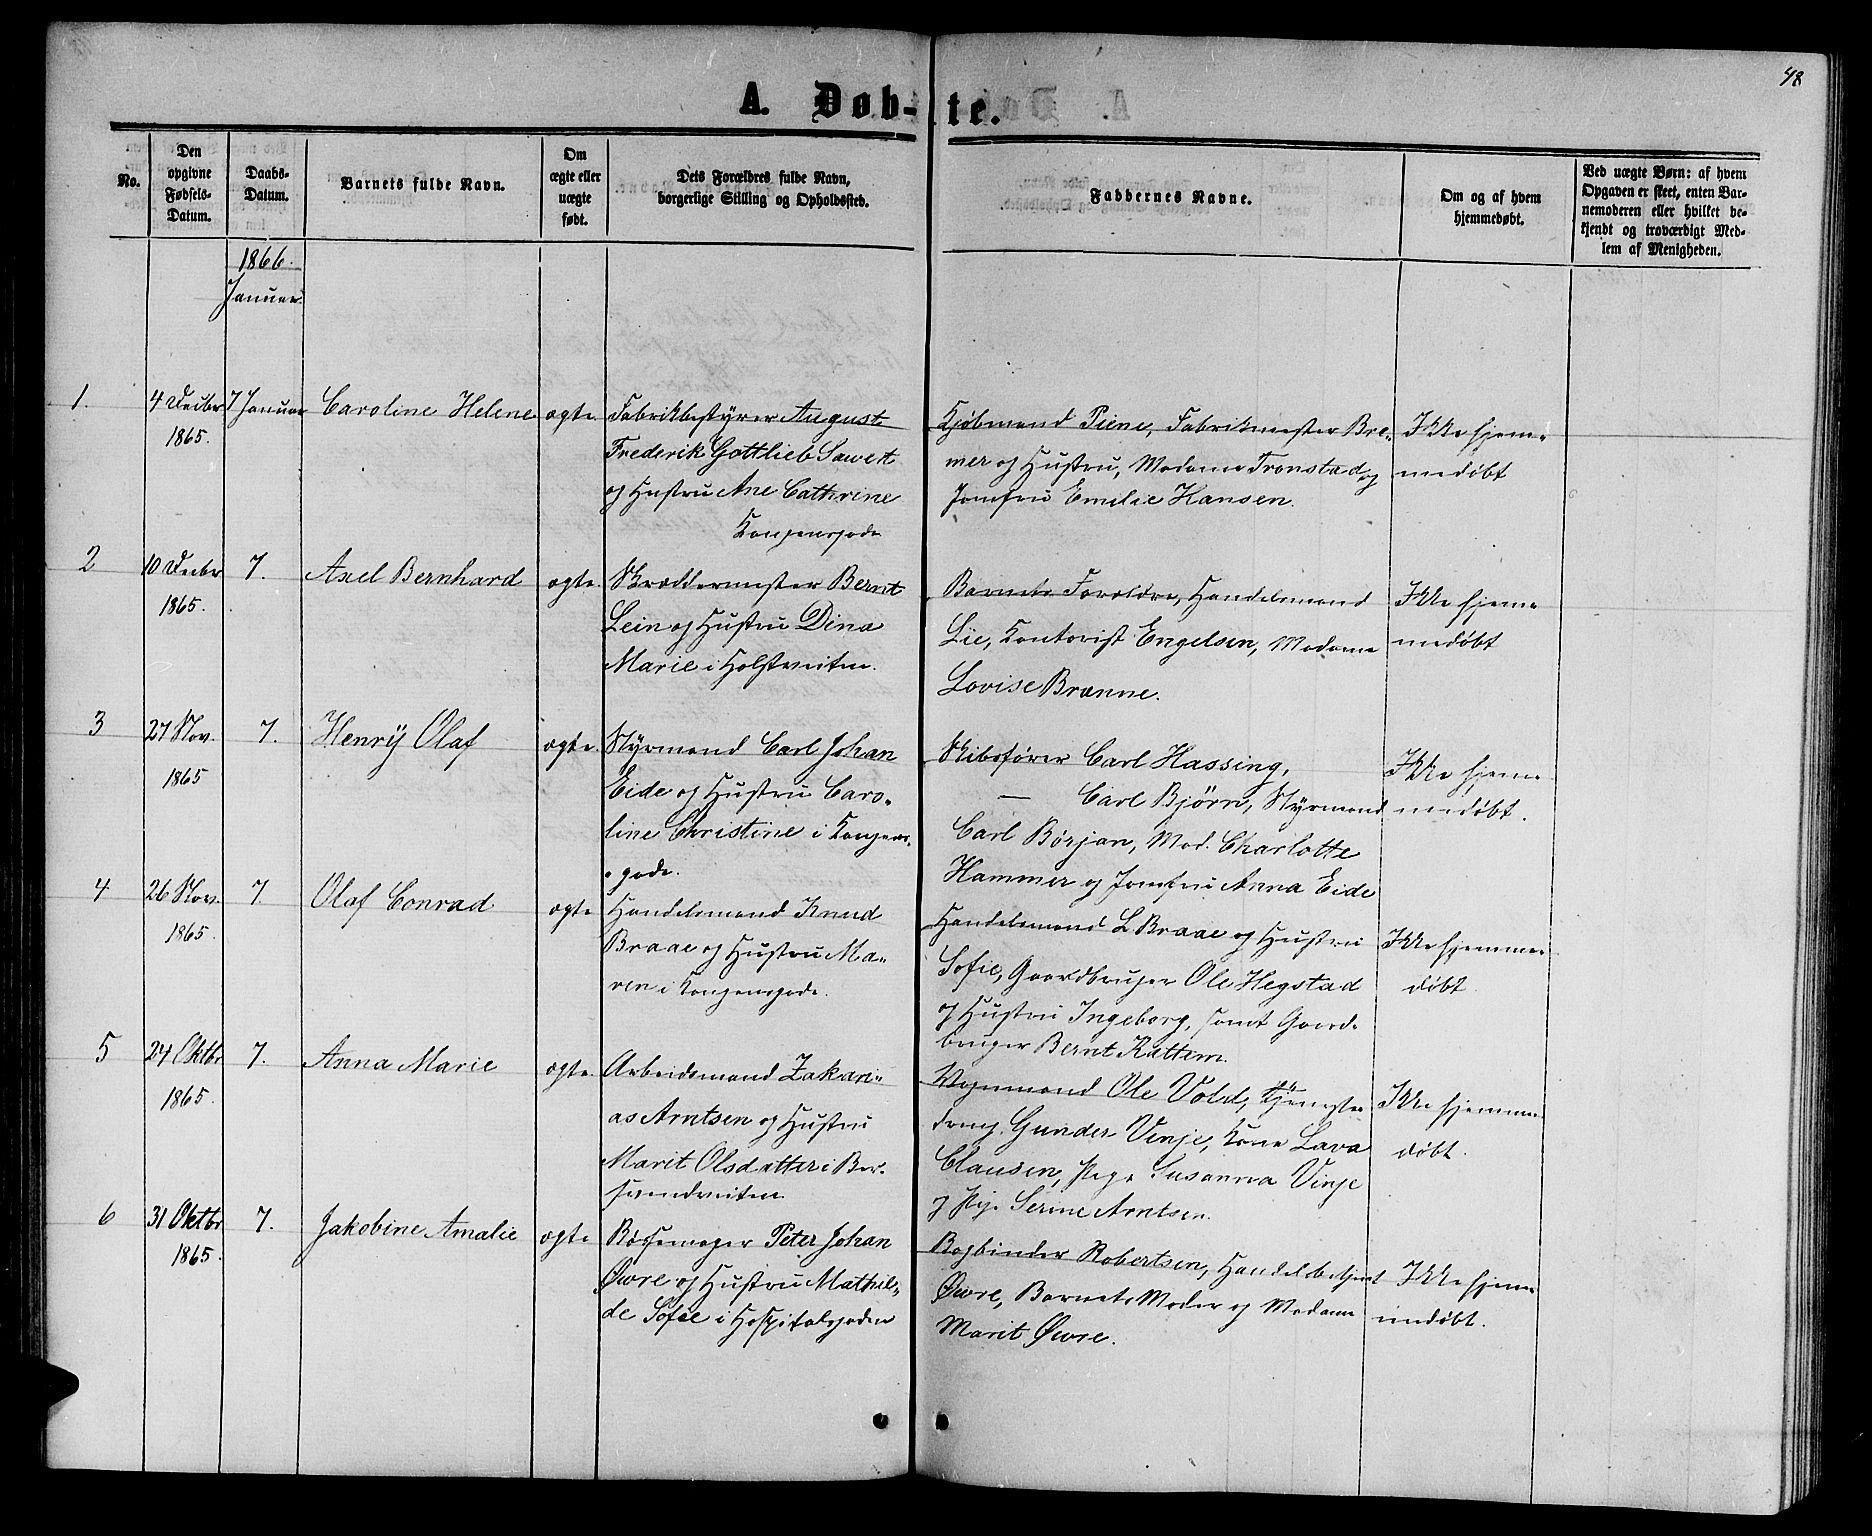 SAT, Ministerialprotokoller, klokkerbøker og fødselsregistre - Sør-Trøndelag, 601/L0087: Klokkerbok nr. 601C05, 1864-1881, s. 48